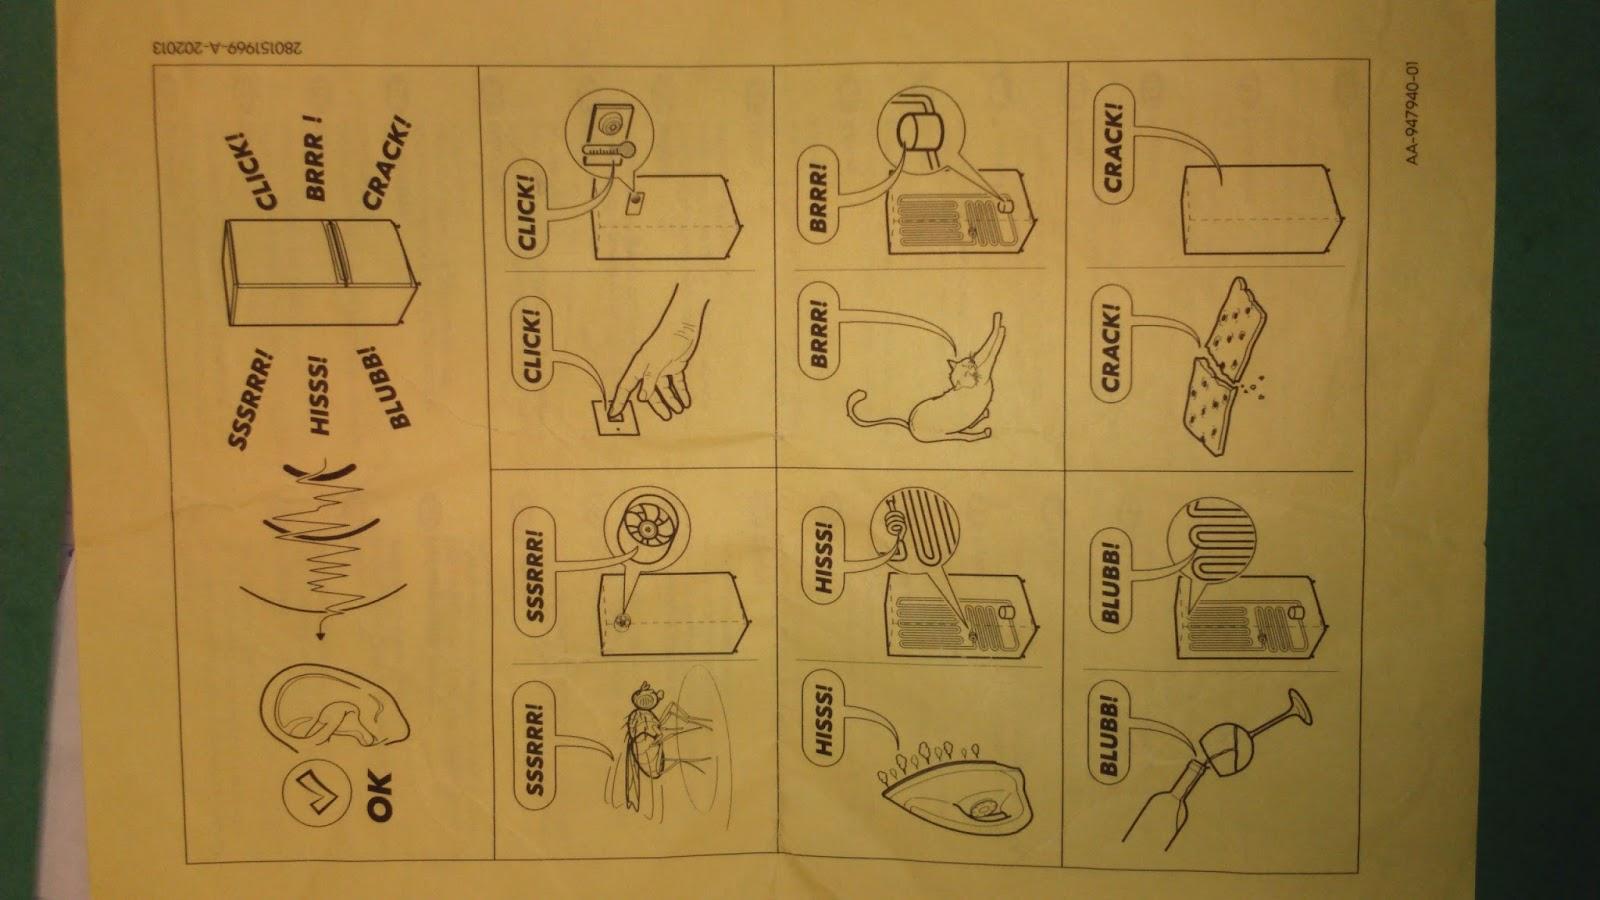 Bruit Frigo mon refrigerateur fait beaucoup de bruit.